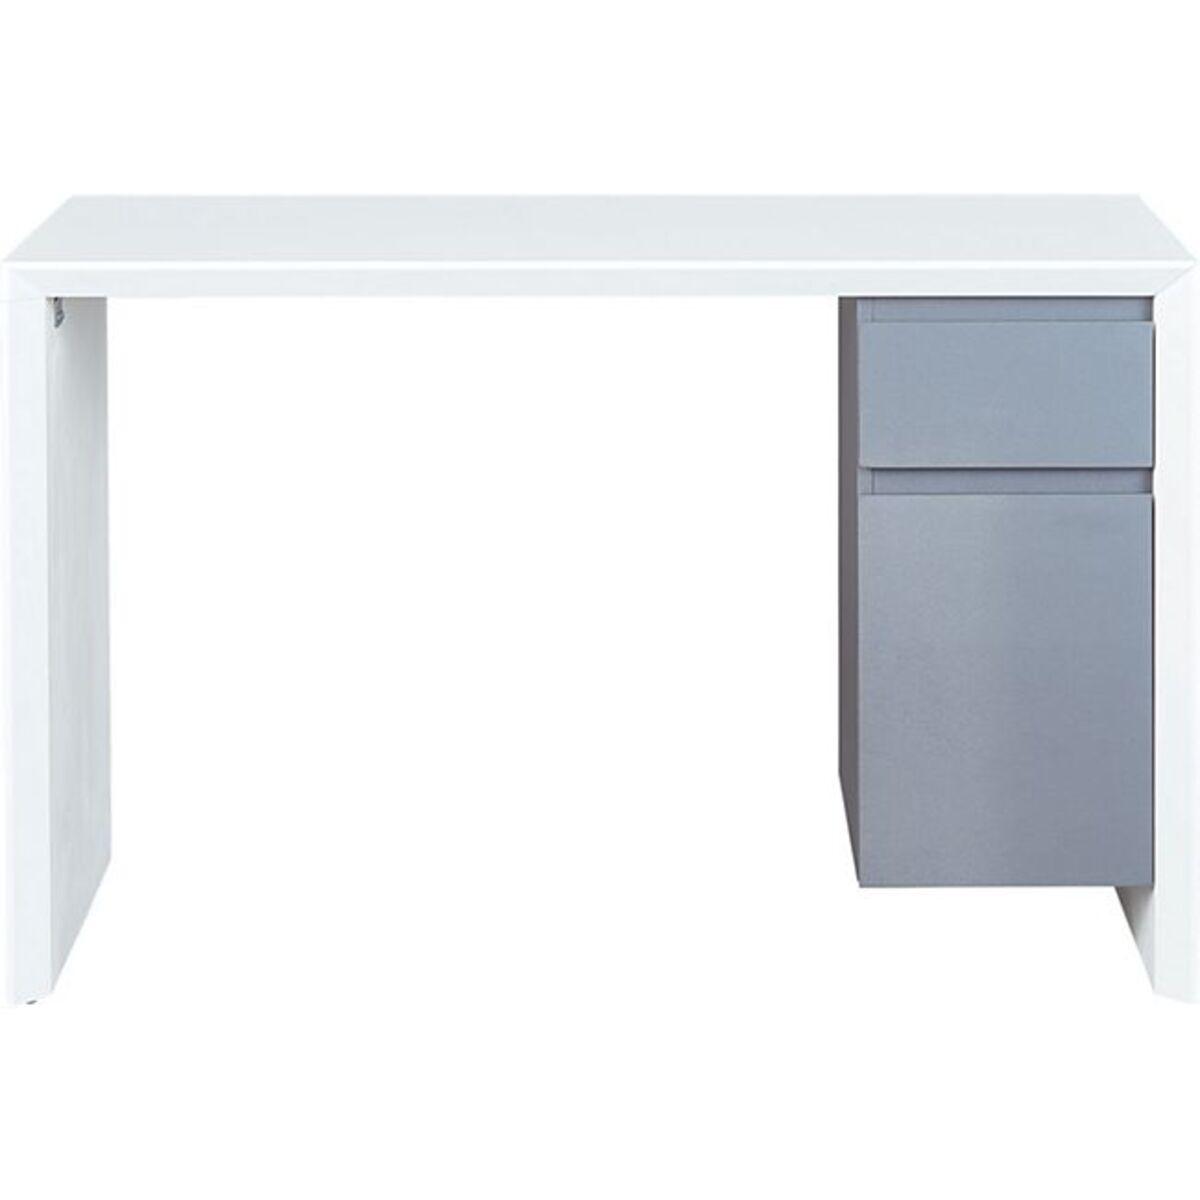 Bild 1 von Inter Link Schreibtisch Megara in Weiss und Grau mit 1 Schublade und 1 Tür